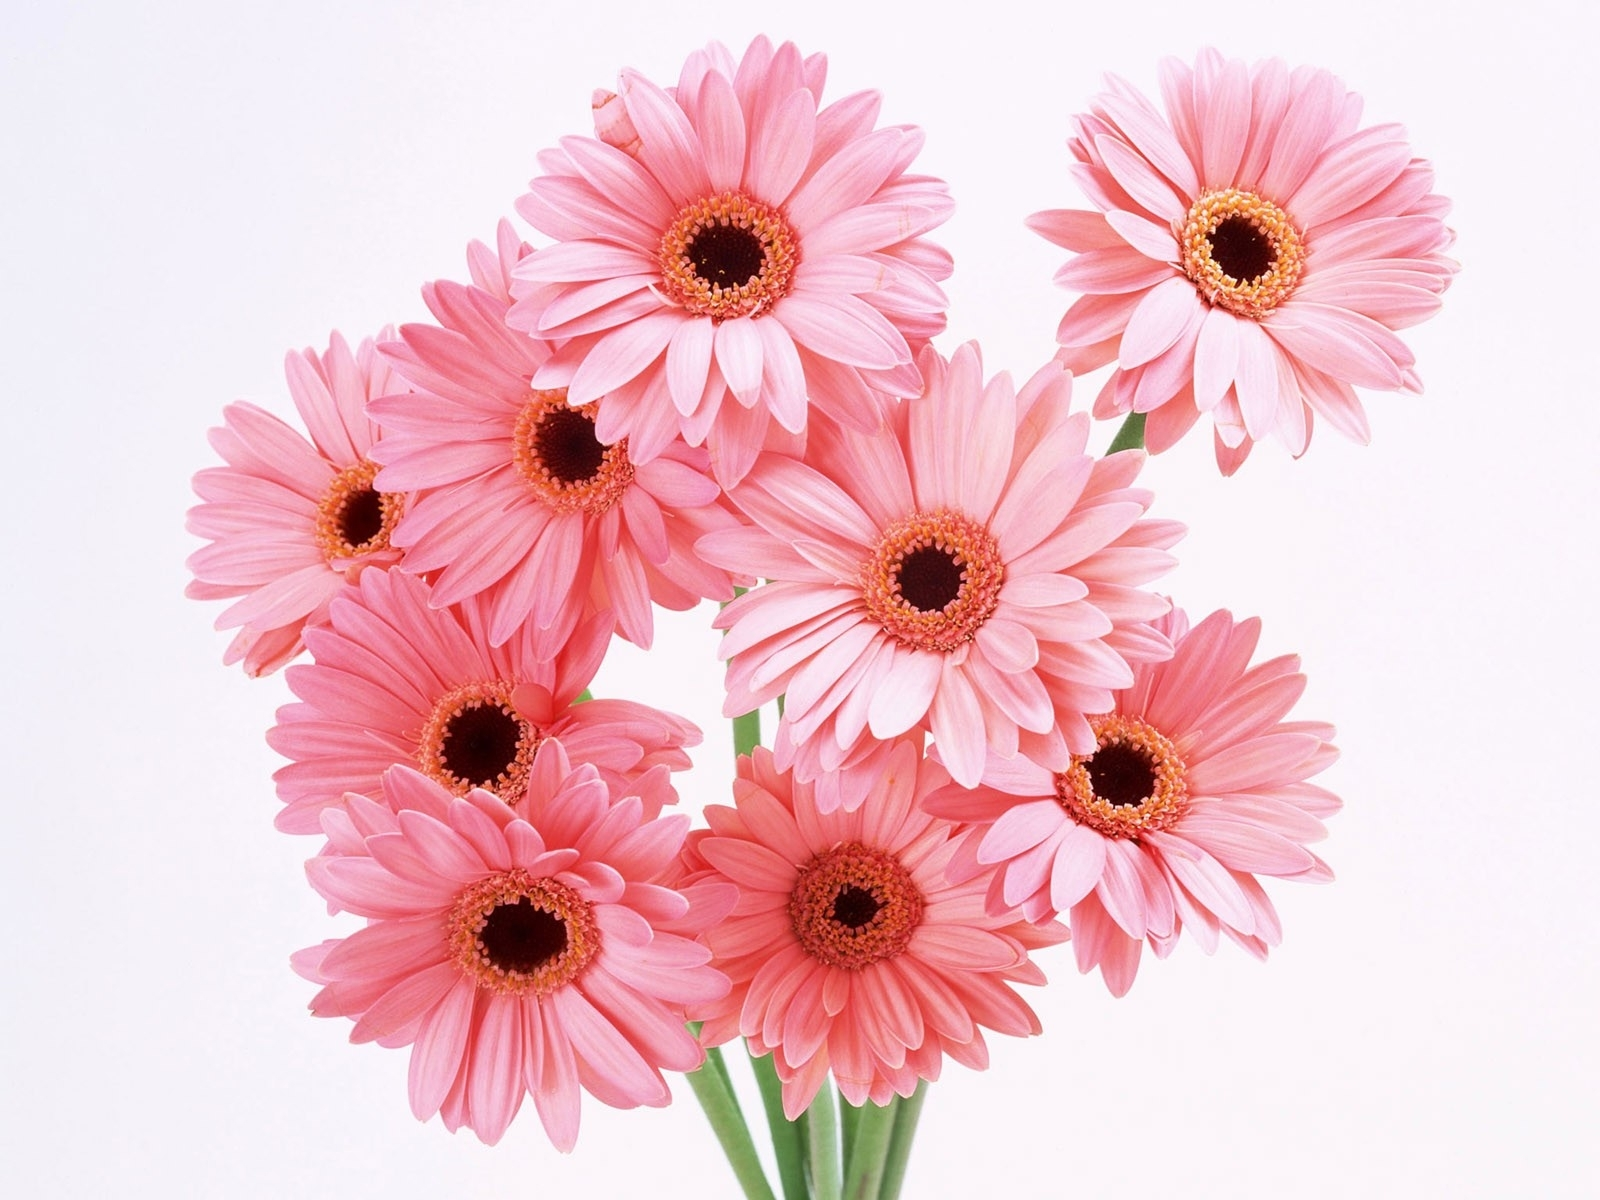 7814 скачать обои Растения, Цветы, Герберы - заставки и картинки бесплатно